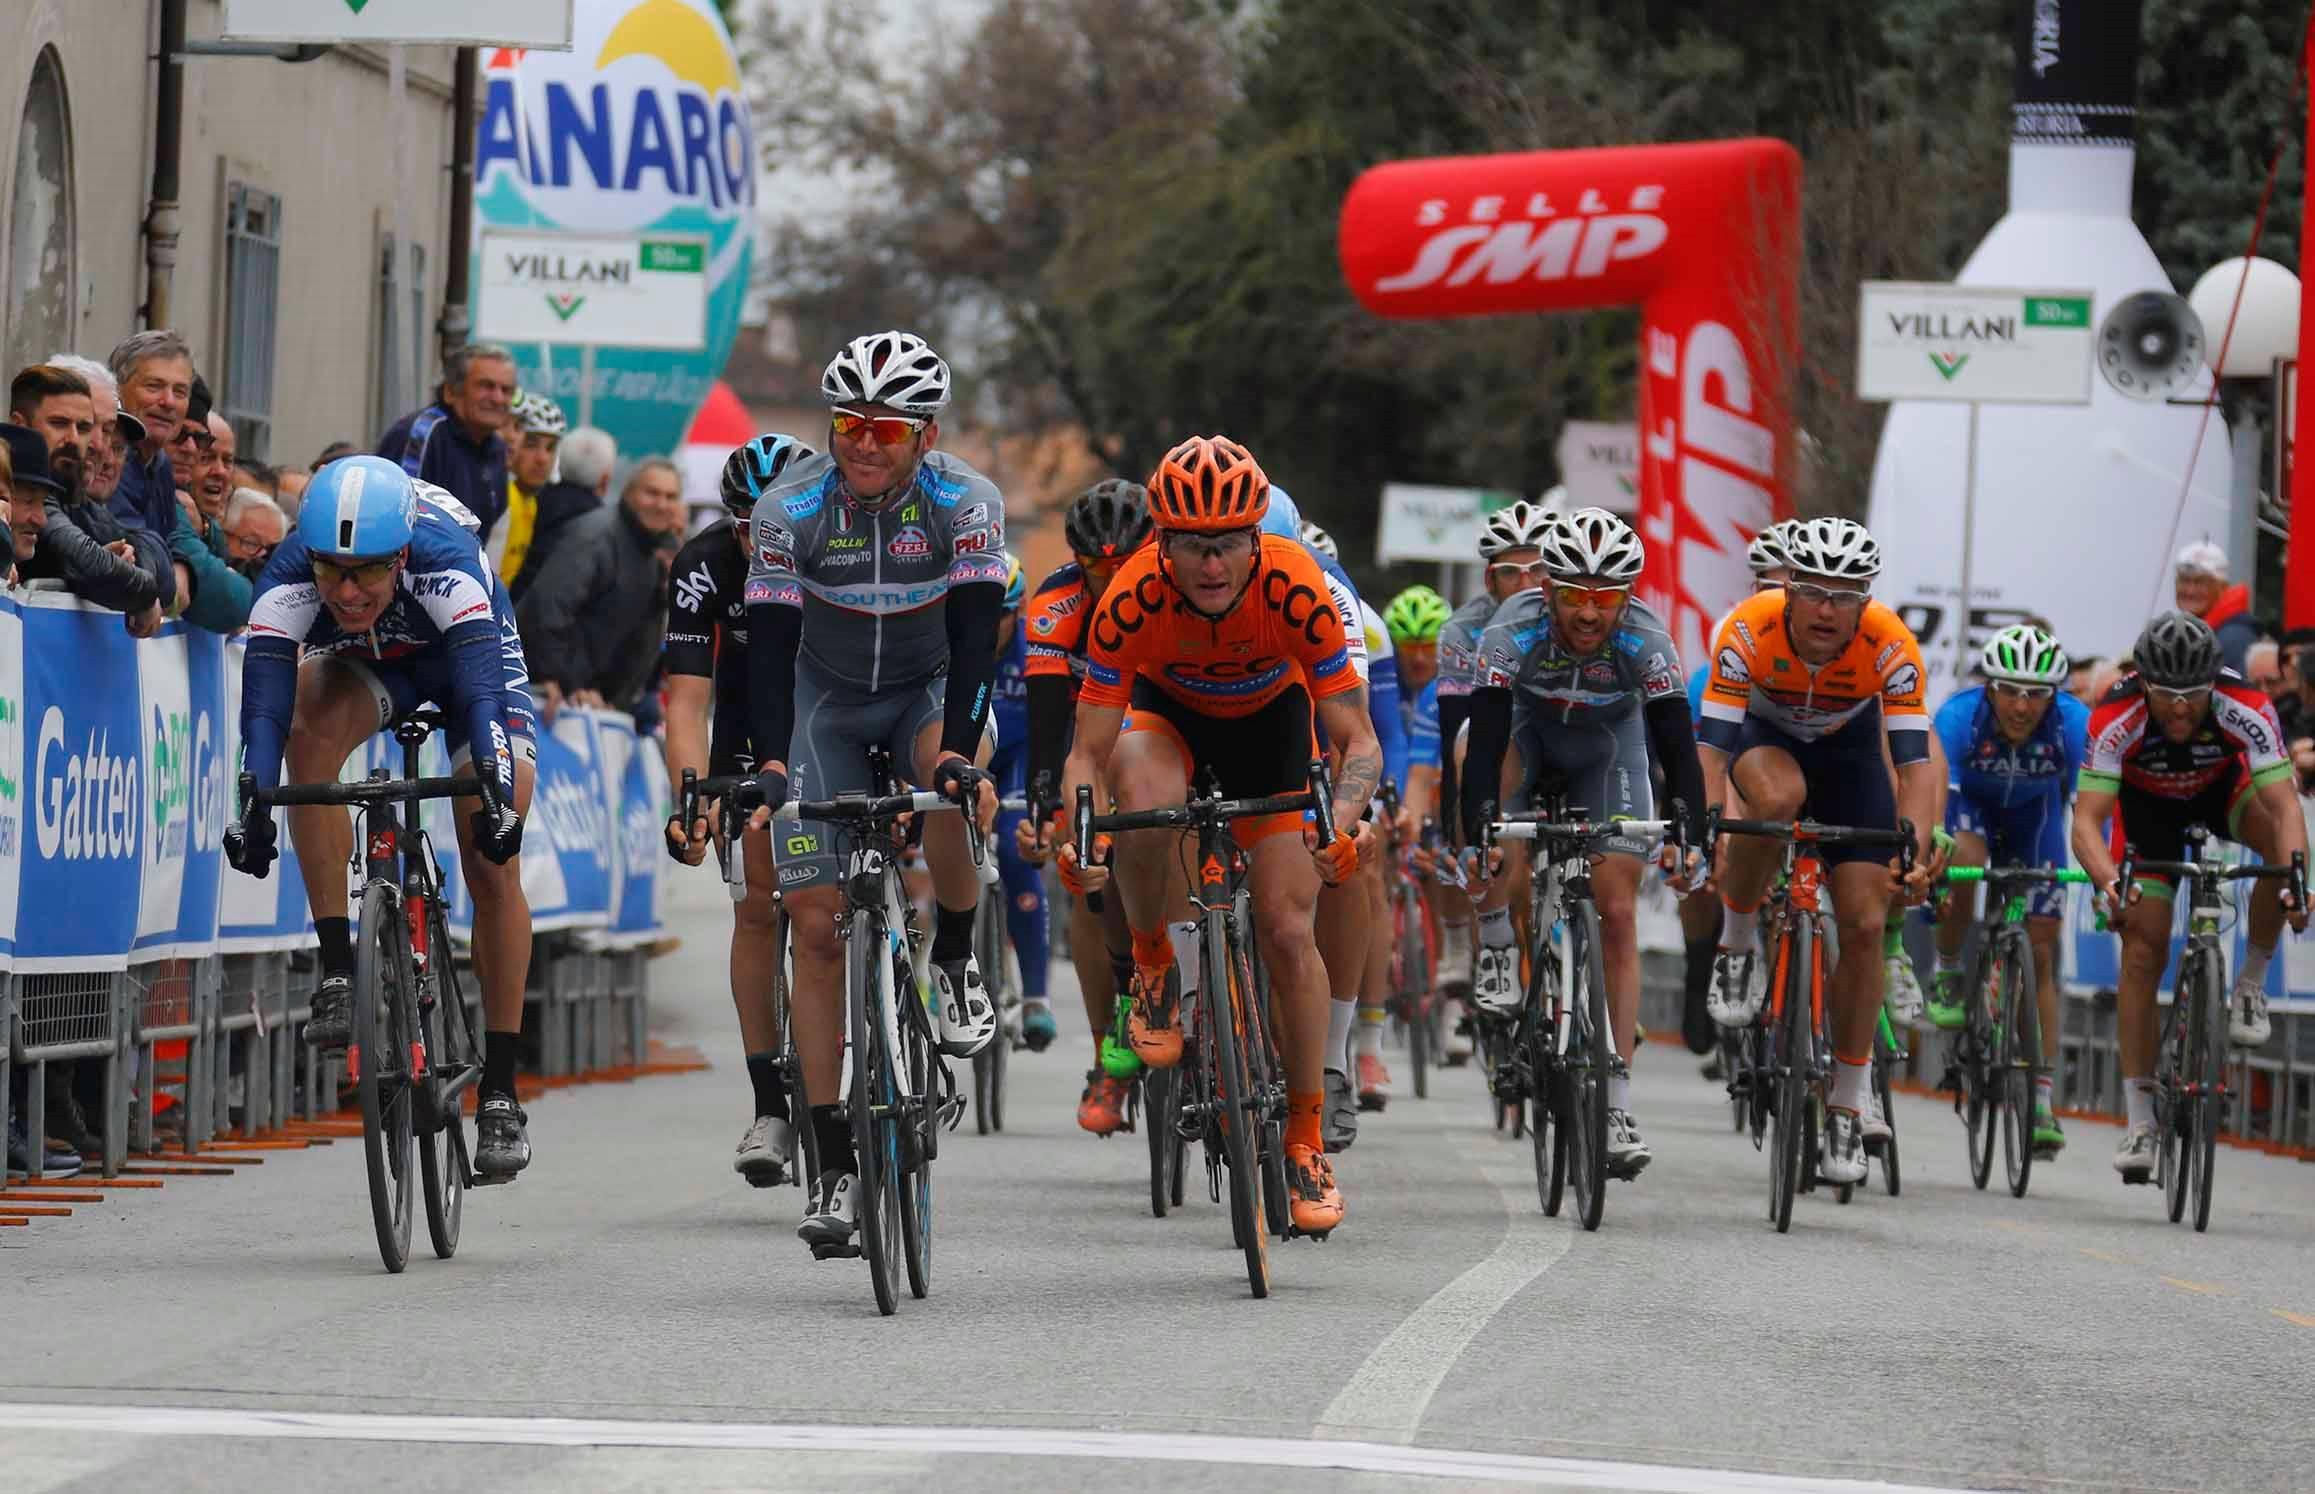 Venerdì 25 marzo parte da Riccione la 2a tappa della gara ciclistica Coppi e Bartali